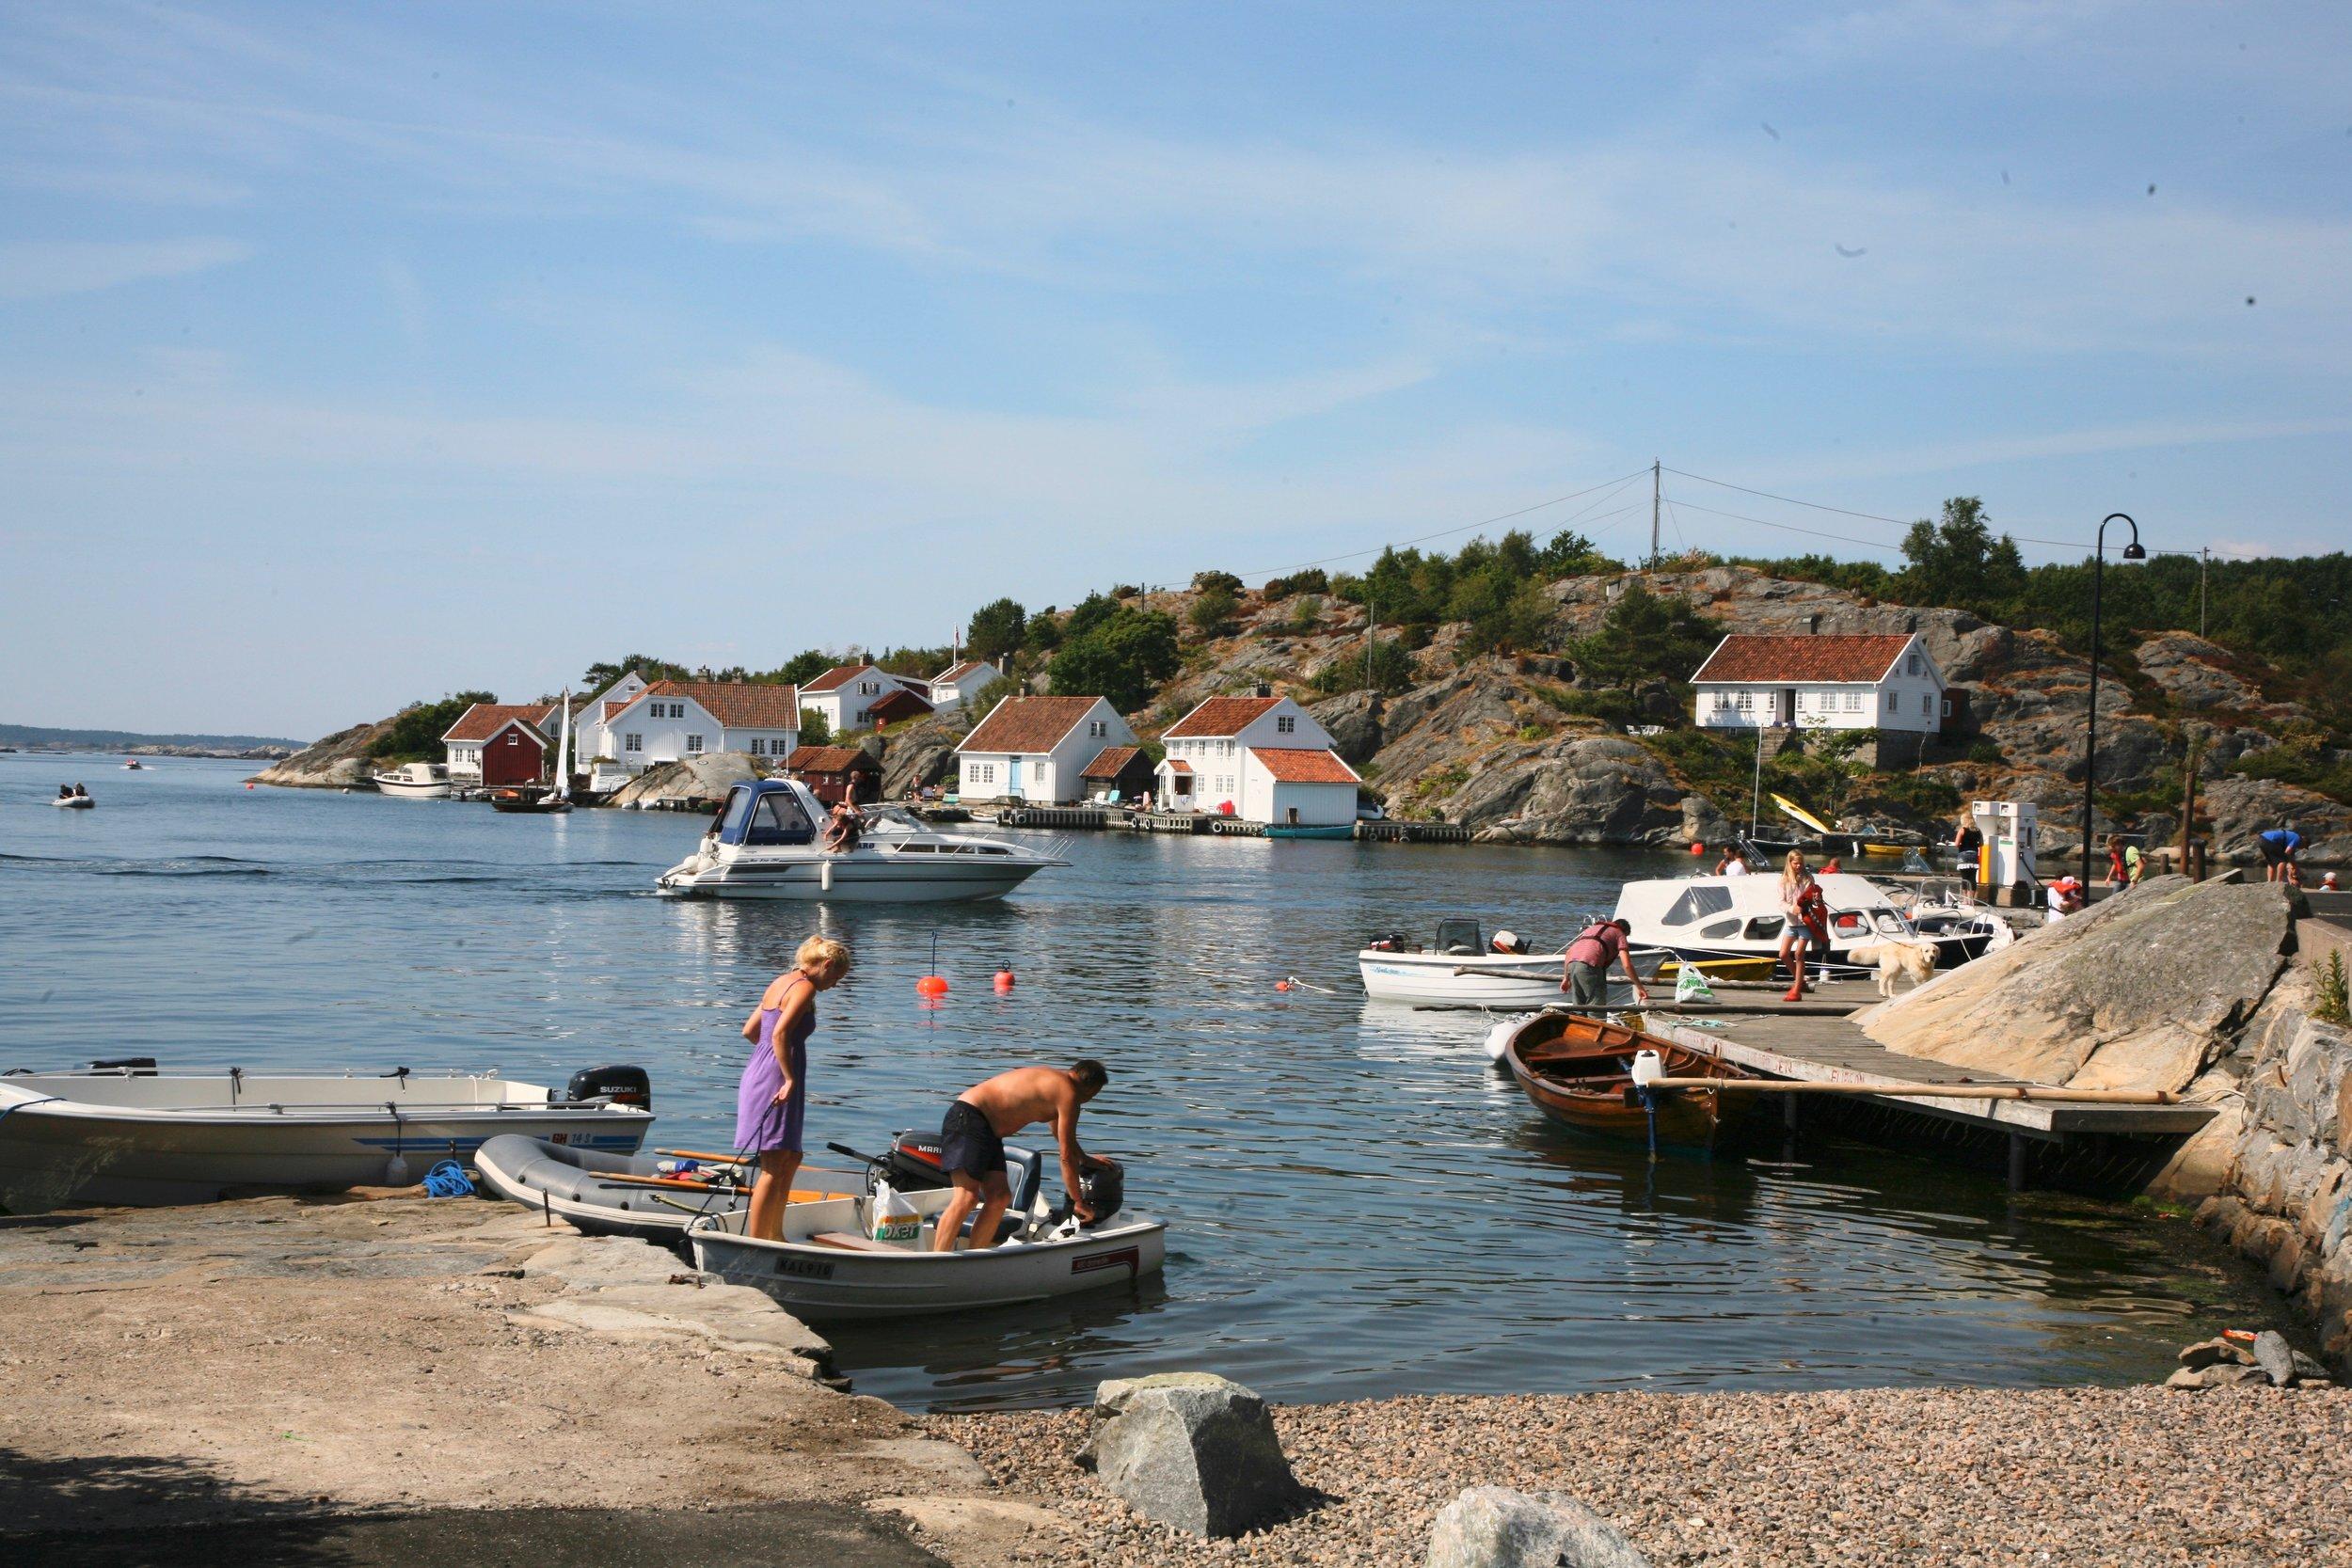 Småjoller kan slite seg. Men hvordan skal politiet finne eieren hvis båten ikke er merket? Foto: Odd Roar Lange